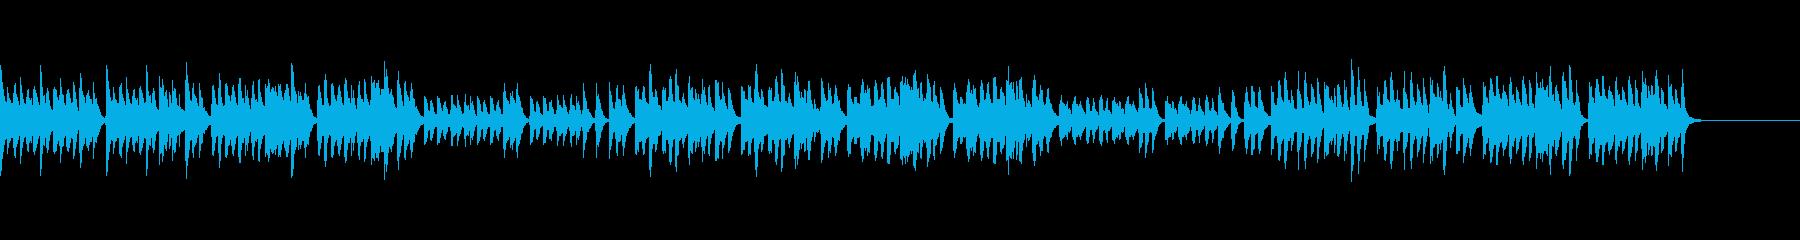 おとぎの国の雰囲気のBGM(クラシカル)の再生済みの波形